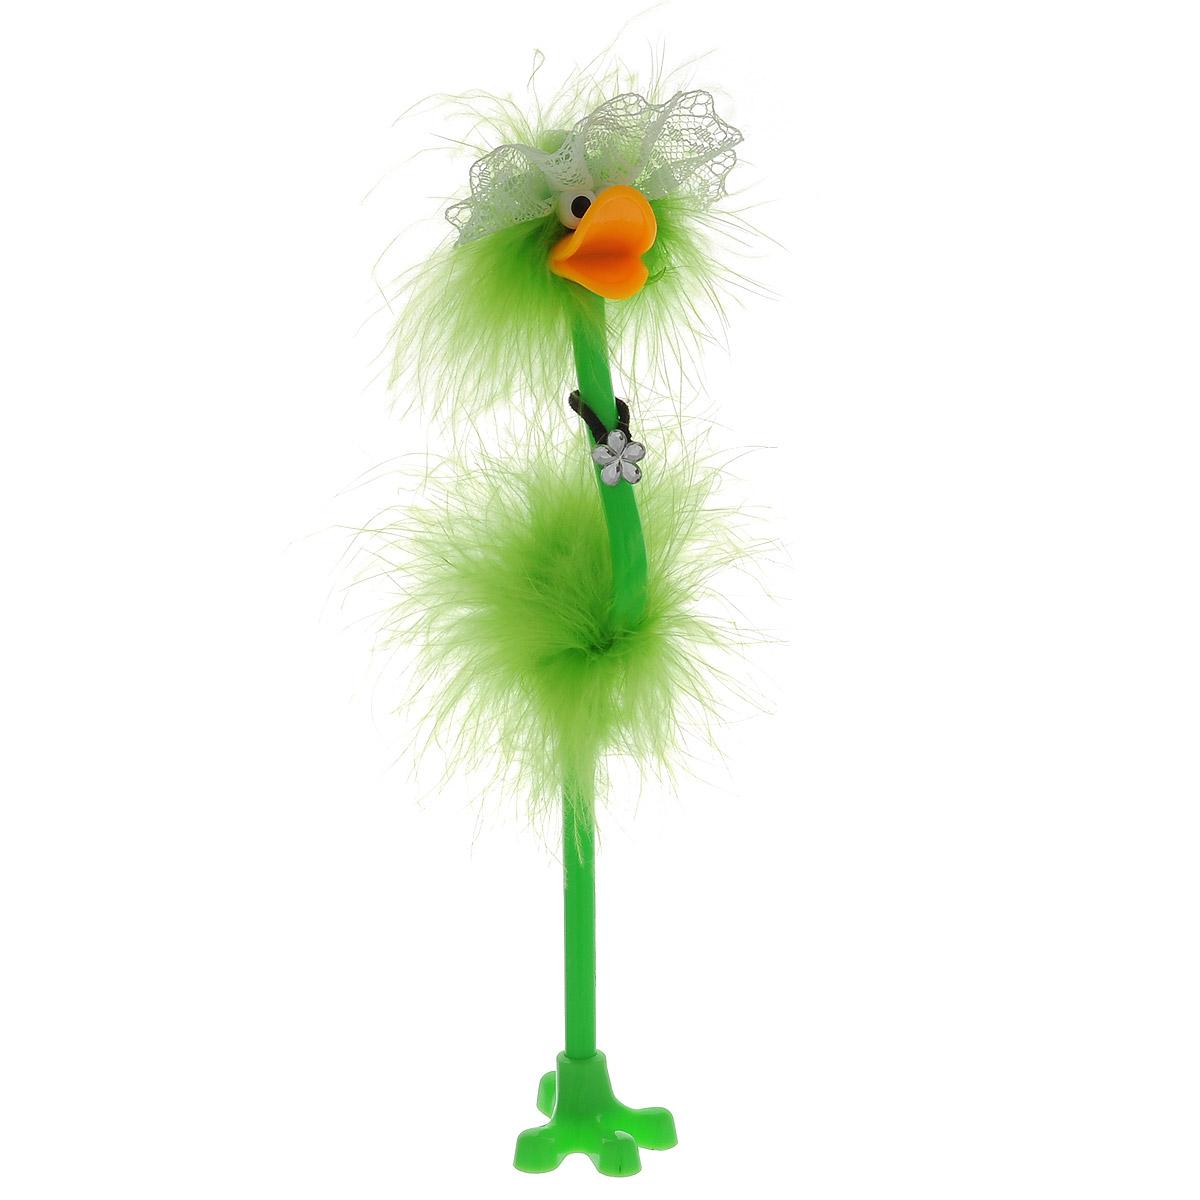 Ручка-игрушка Flamingo, в кружевной шляпке, с подставкой, цвет: салатовый96732СОригинальная шариковая ручка-игрушка Flamingo станет отличным подарком и незаменимым аксессуаром на вашем рабочем столе. Ручка, украшенная перьями, выполнена в виде забавной птички фламинго в широкополой кружевной шляпке. К ручке прилагается подставка в виде лапки. Такая ручка - это забавный и практичный подарок, она не потеряется среди бумаг и непременно вызовет улыбку окружающих.